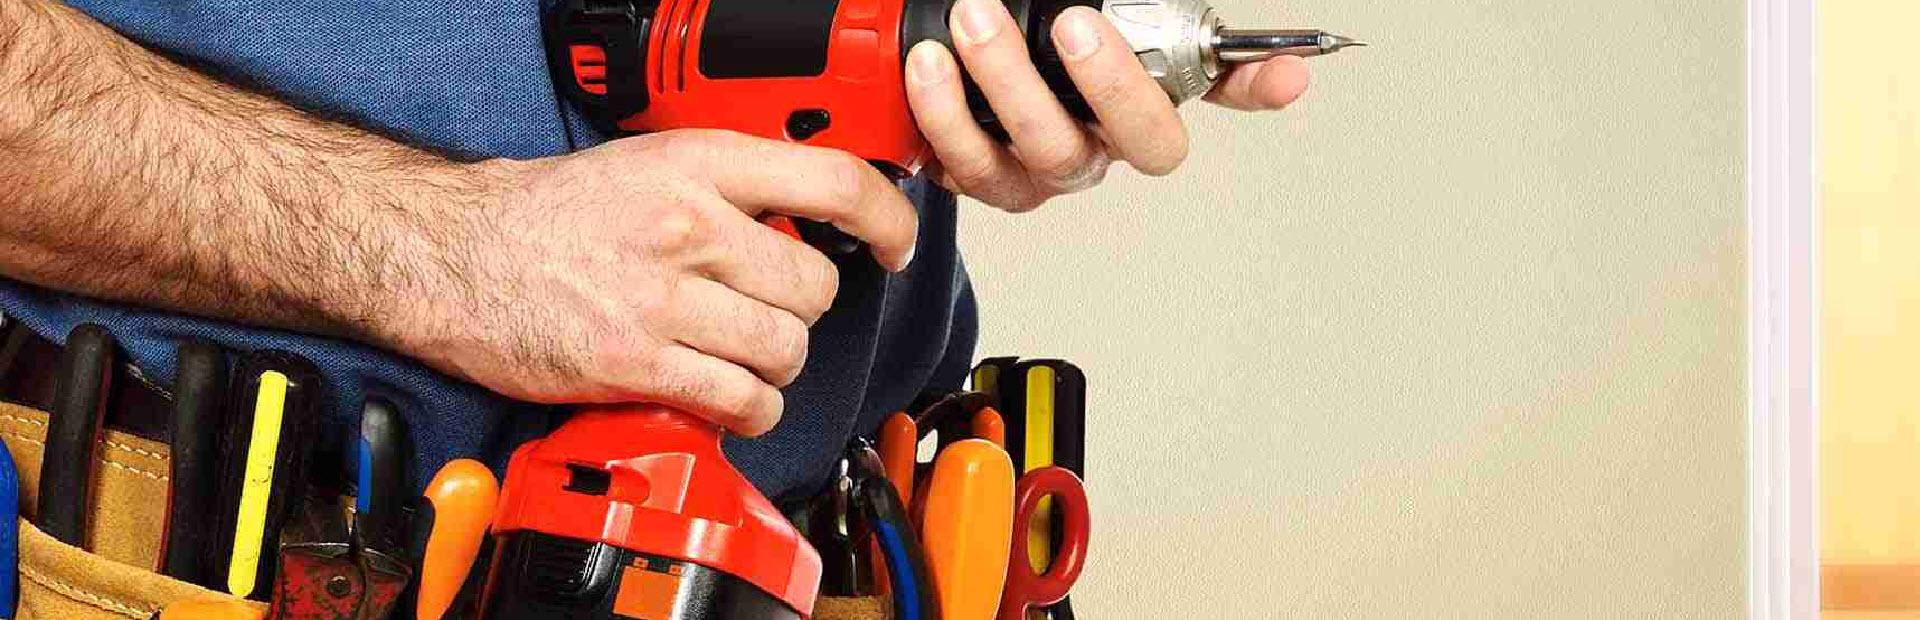 Hitne intervencije popravka servis